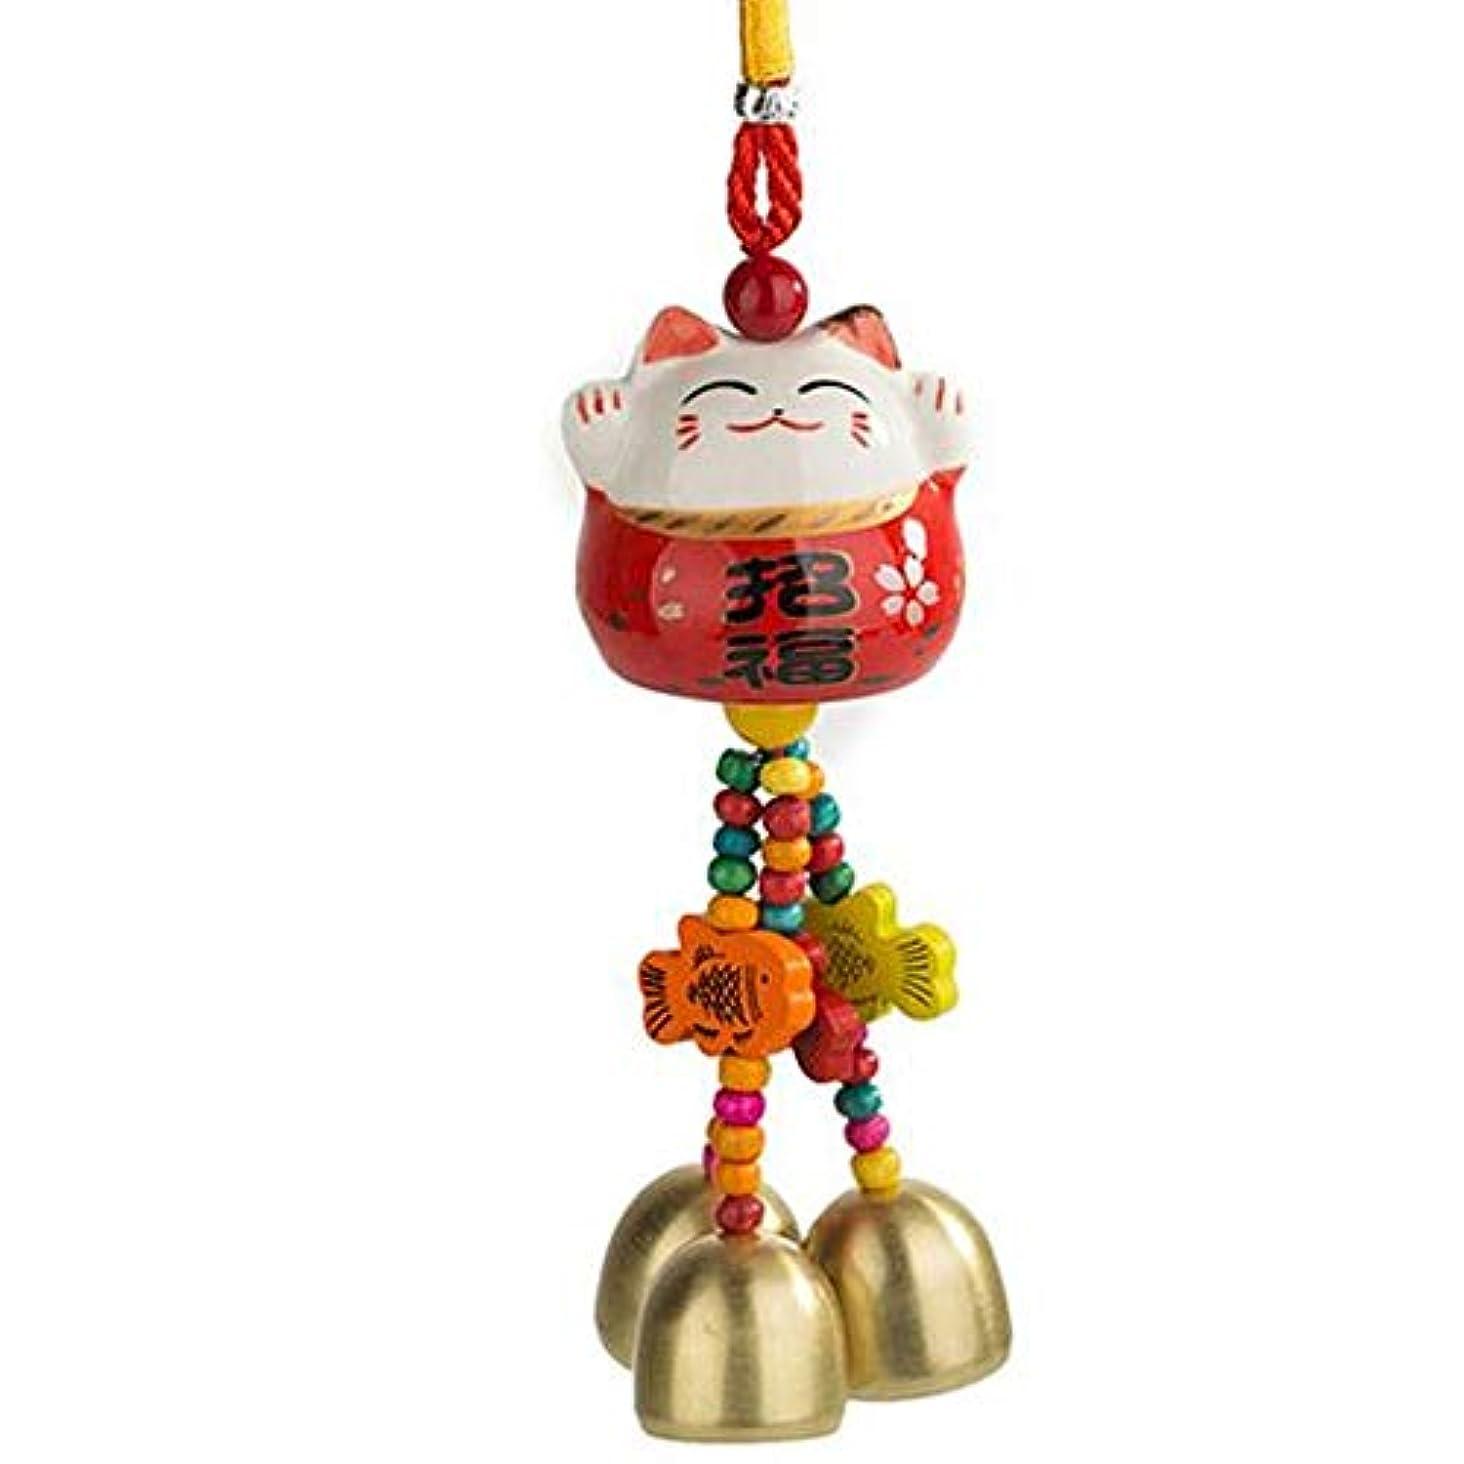 モンク責市長Jielongtongxun 風チャイム、かわいいクリエイティブセラミック猫風の鐘、オレンジ、ロング28センチメートル,絶妙な飾り (Color : Red)